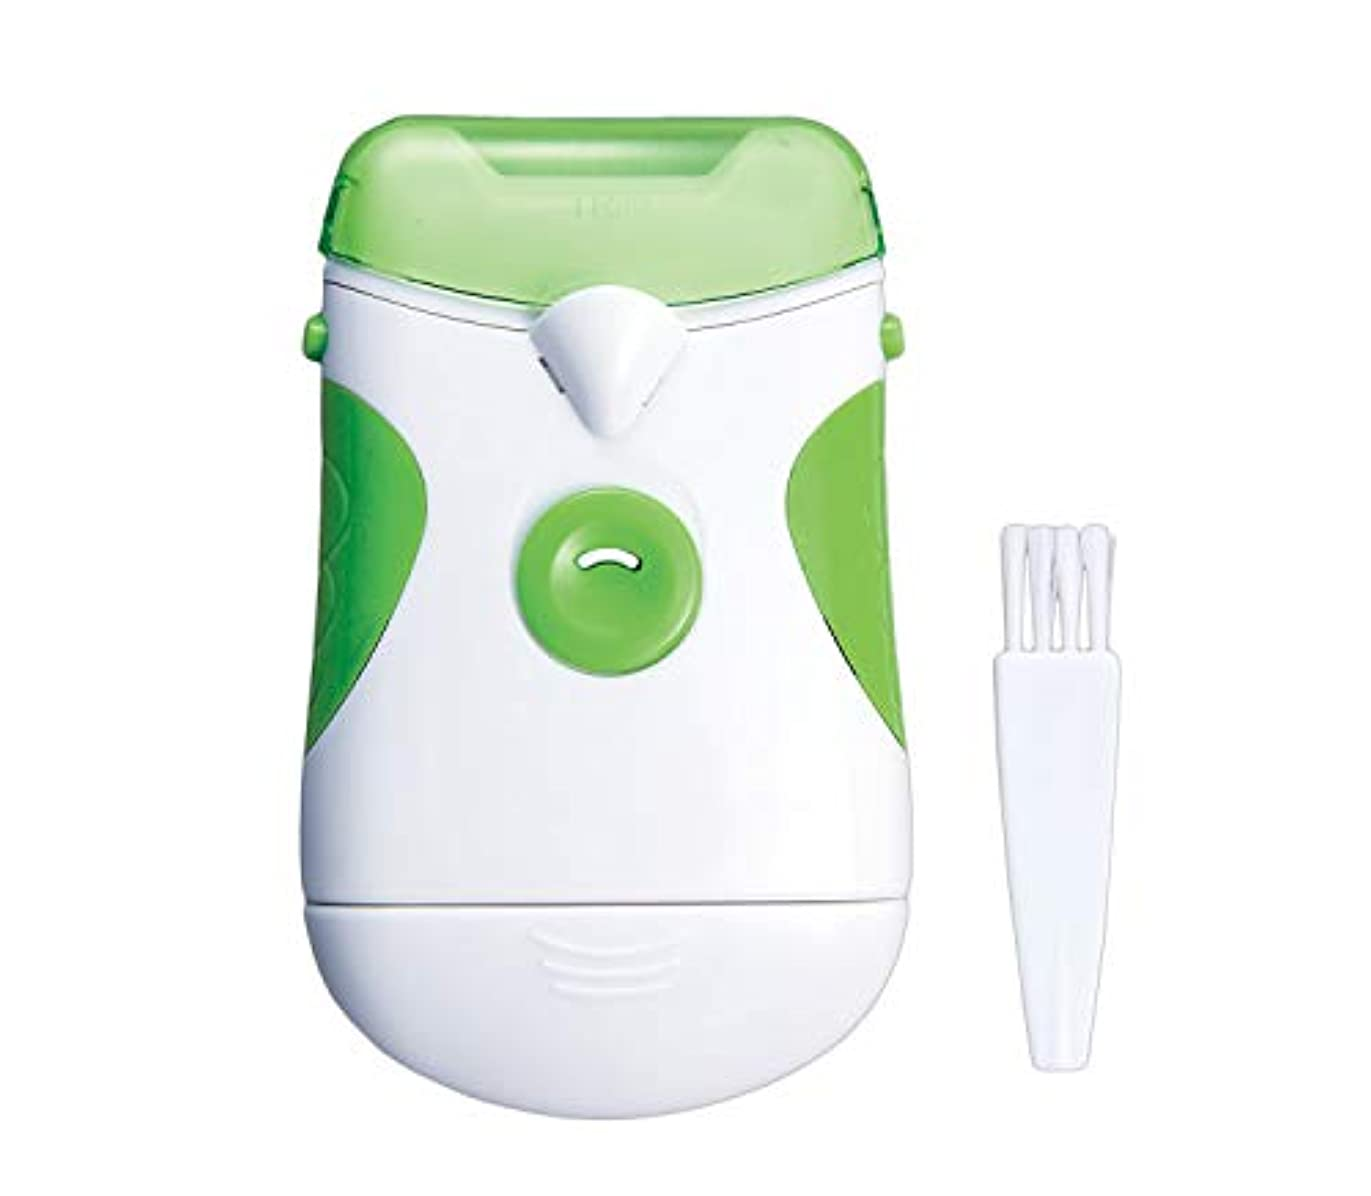 内側クライマックスレンダー電動爪やすり(ライト付) つめやすり 電池式 コードレス 足の爪 老眼 ネイルケア 水洗い可 単三乾電池